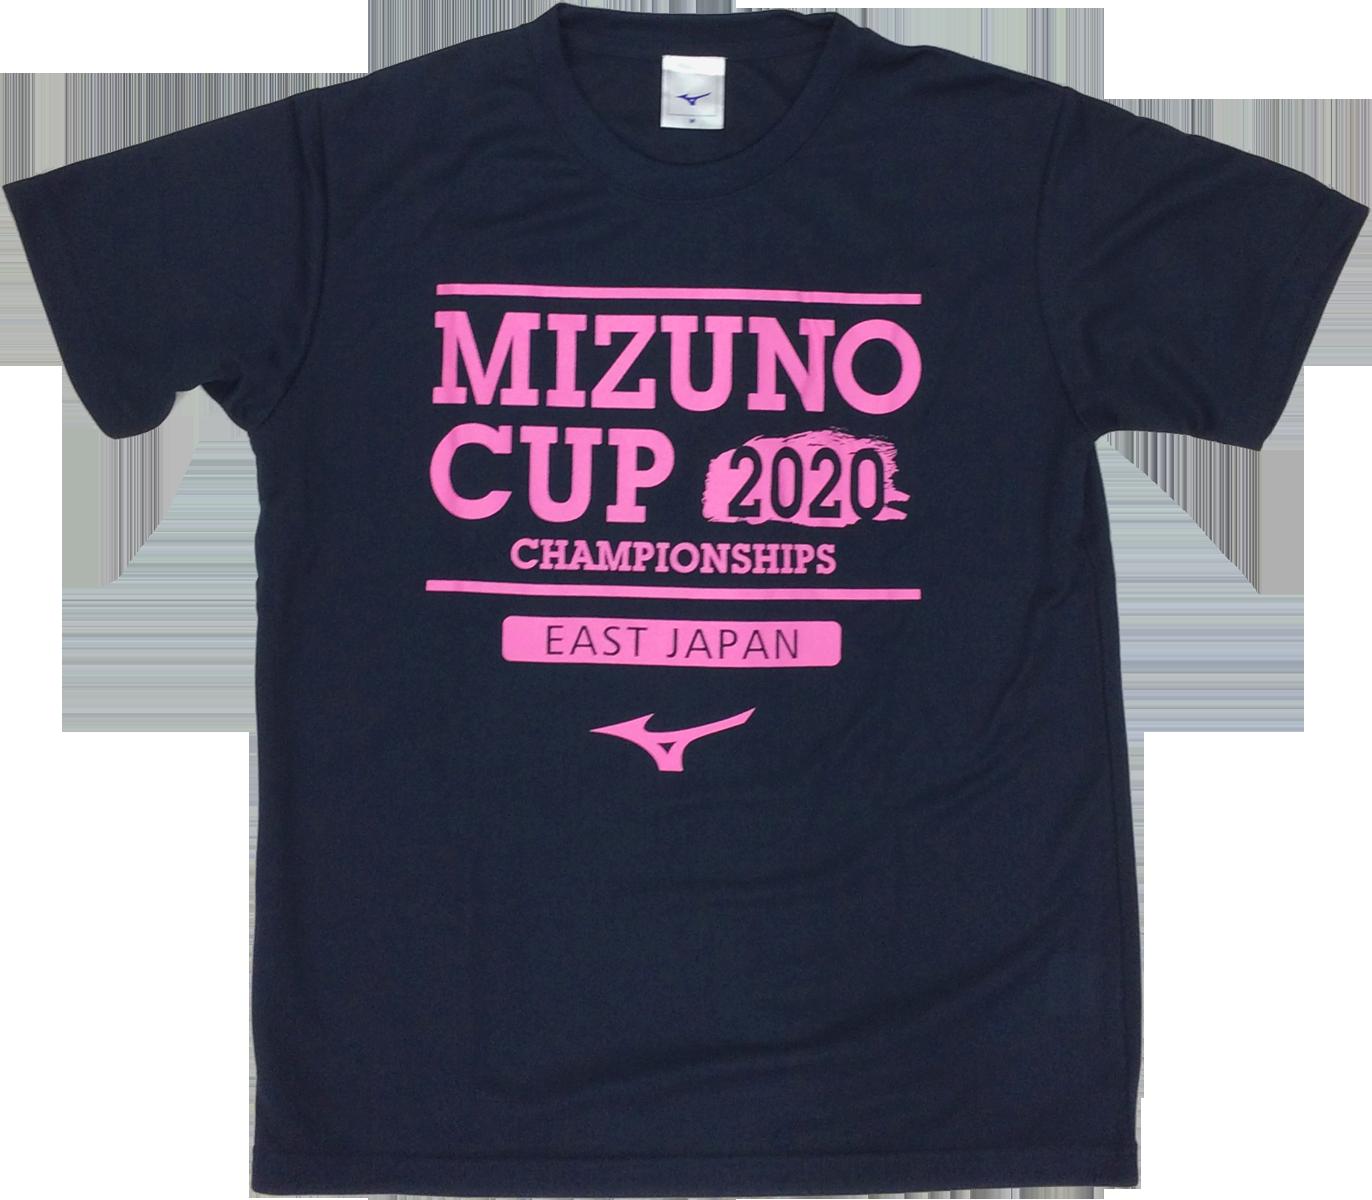 【SALE】 ミズノ 2020東日本ミズノカップ Tシャツ